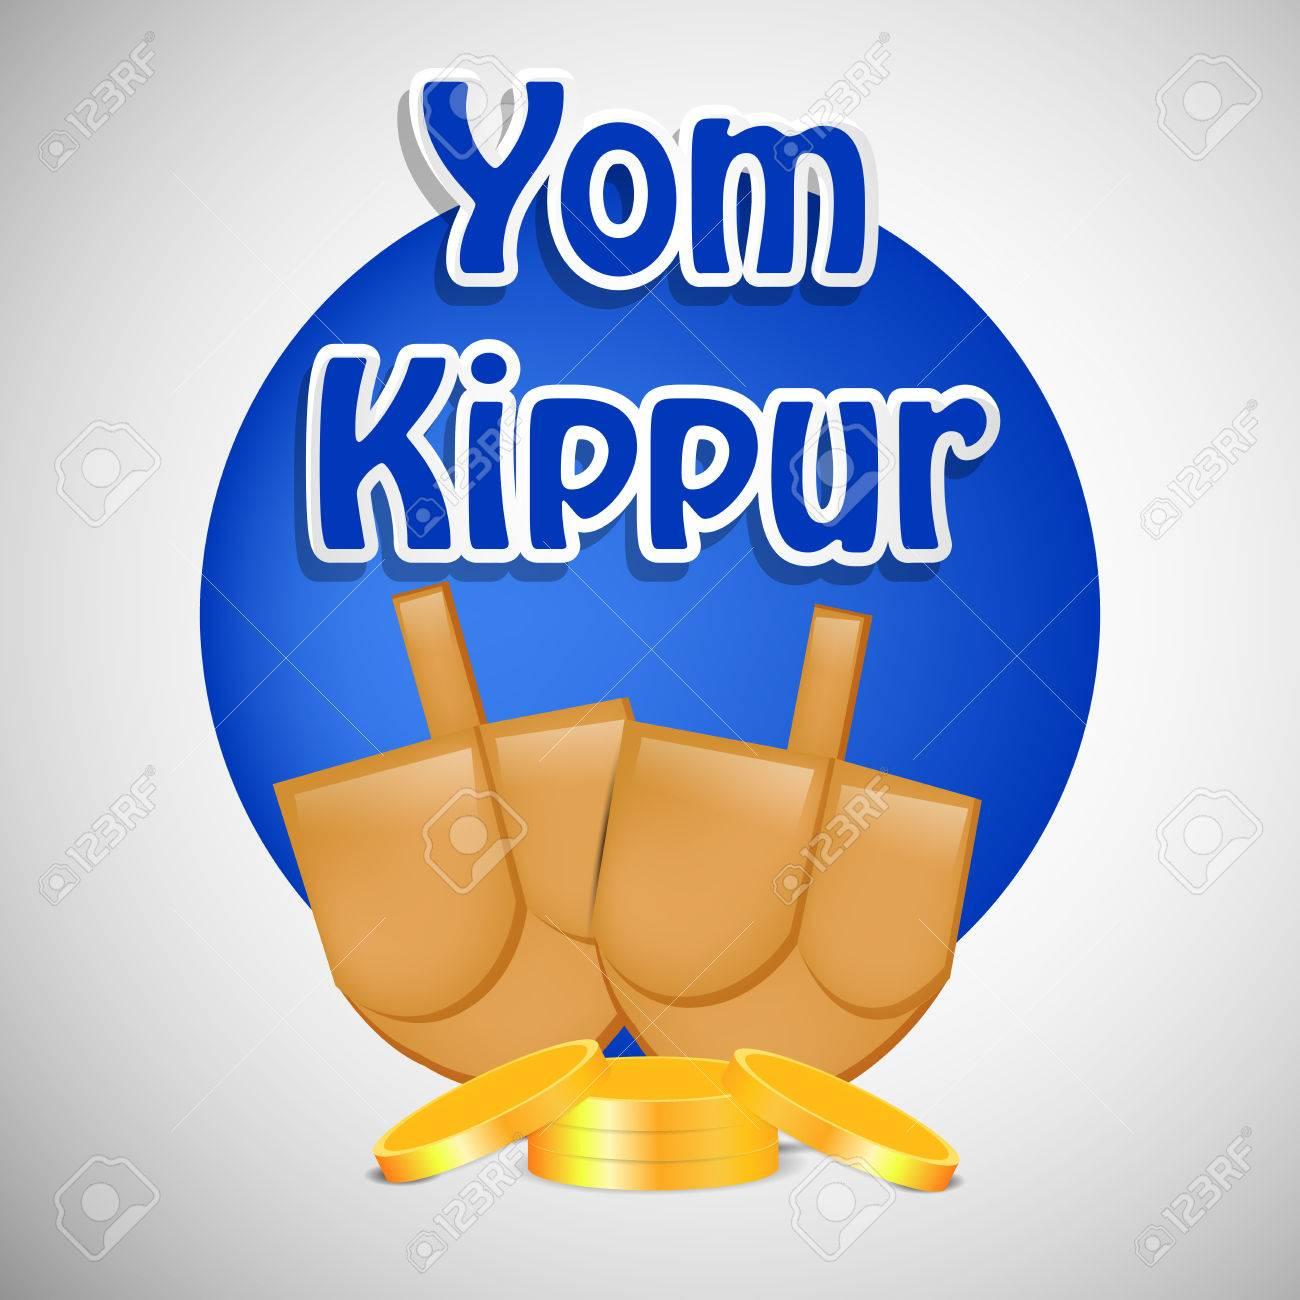 Illustration of elements jewish yom kippur background.